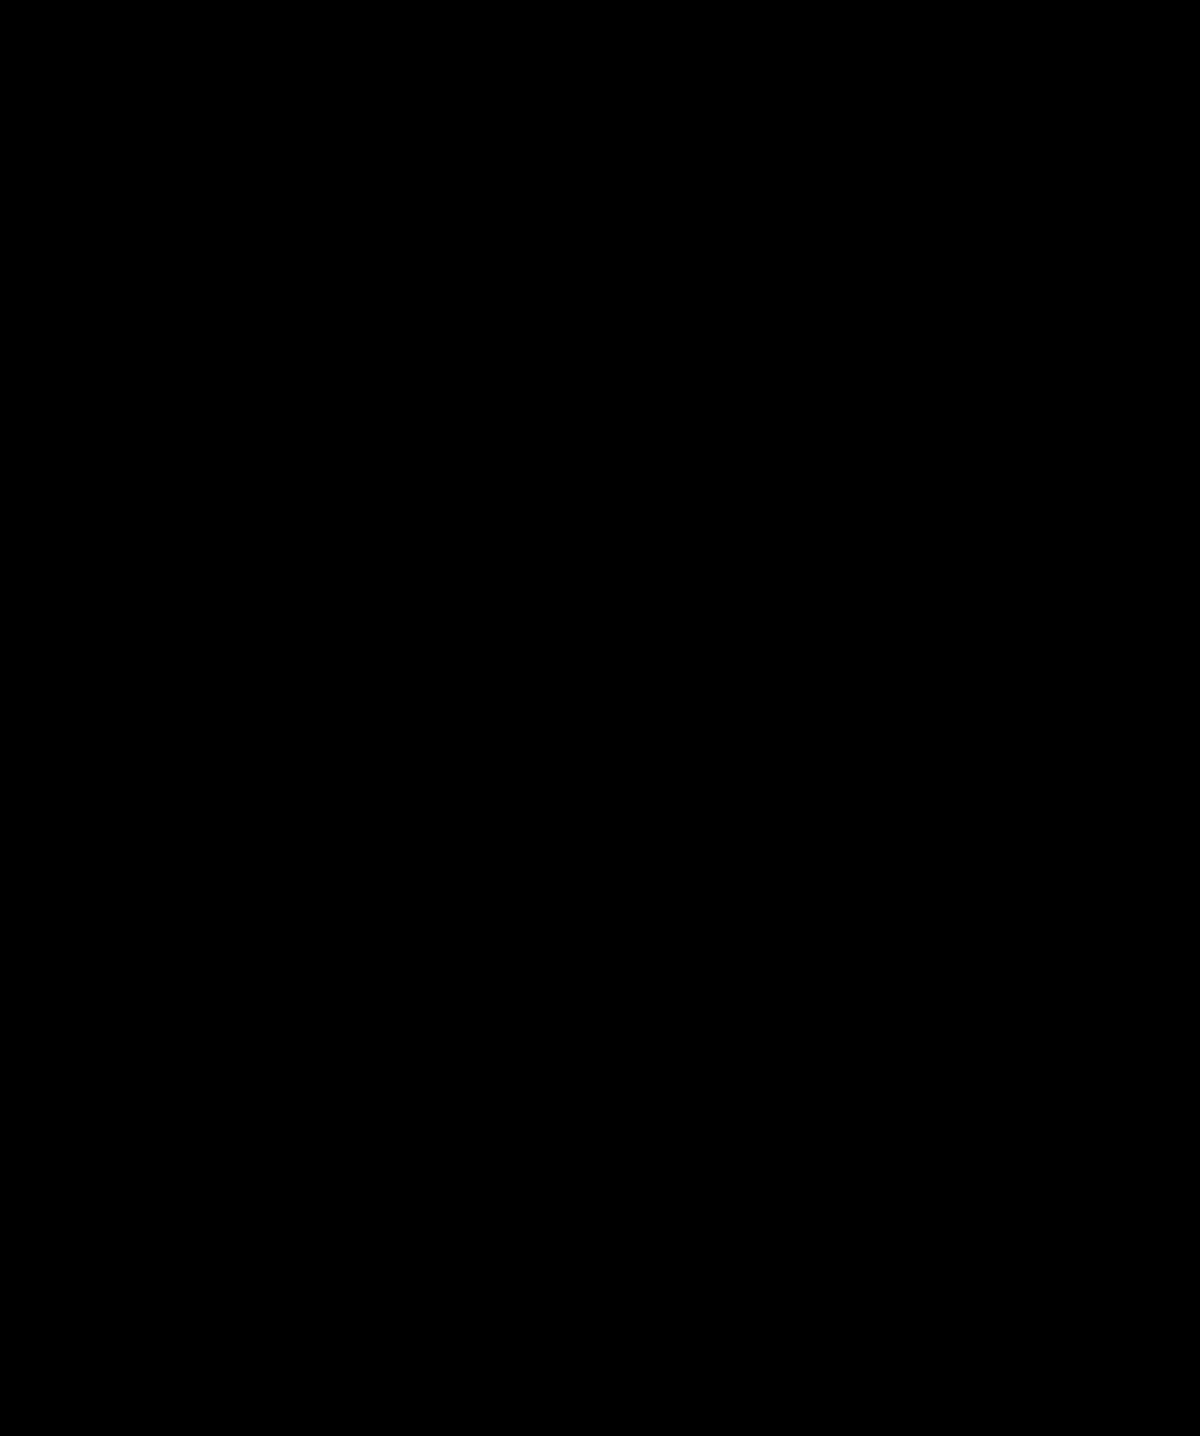 medazepam-formula